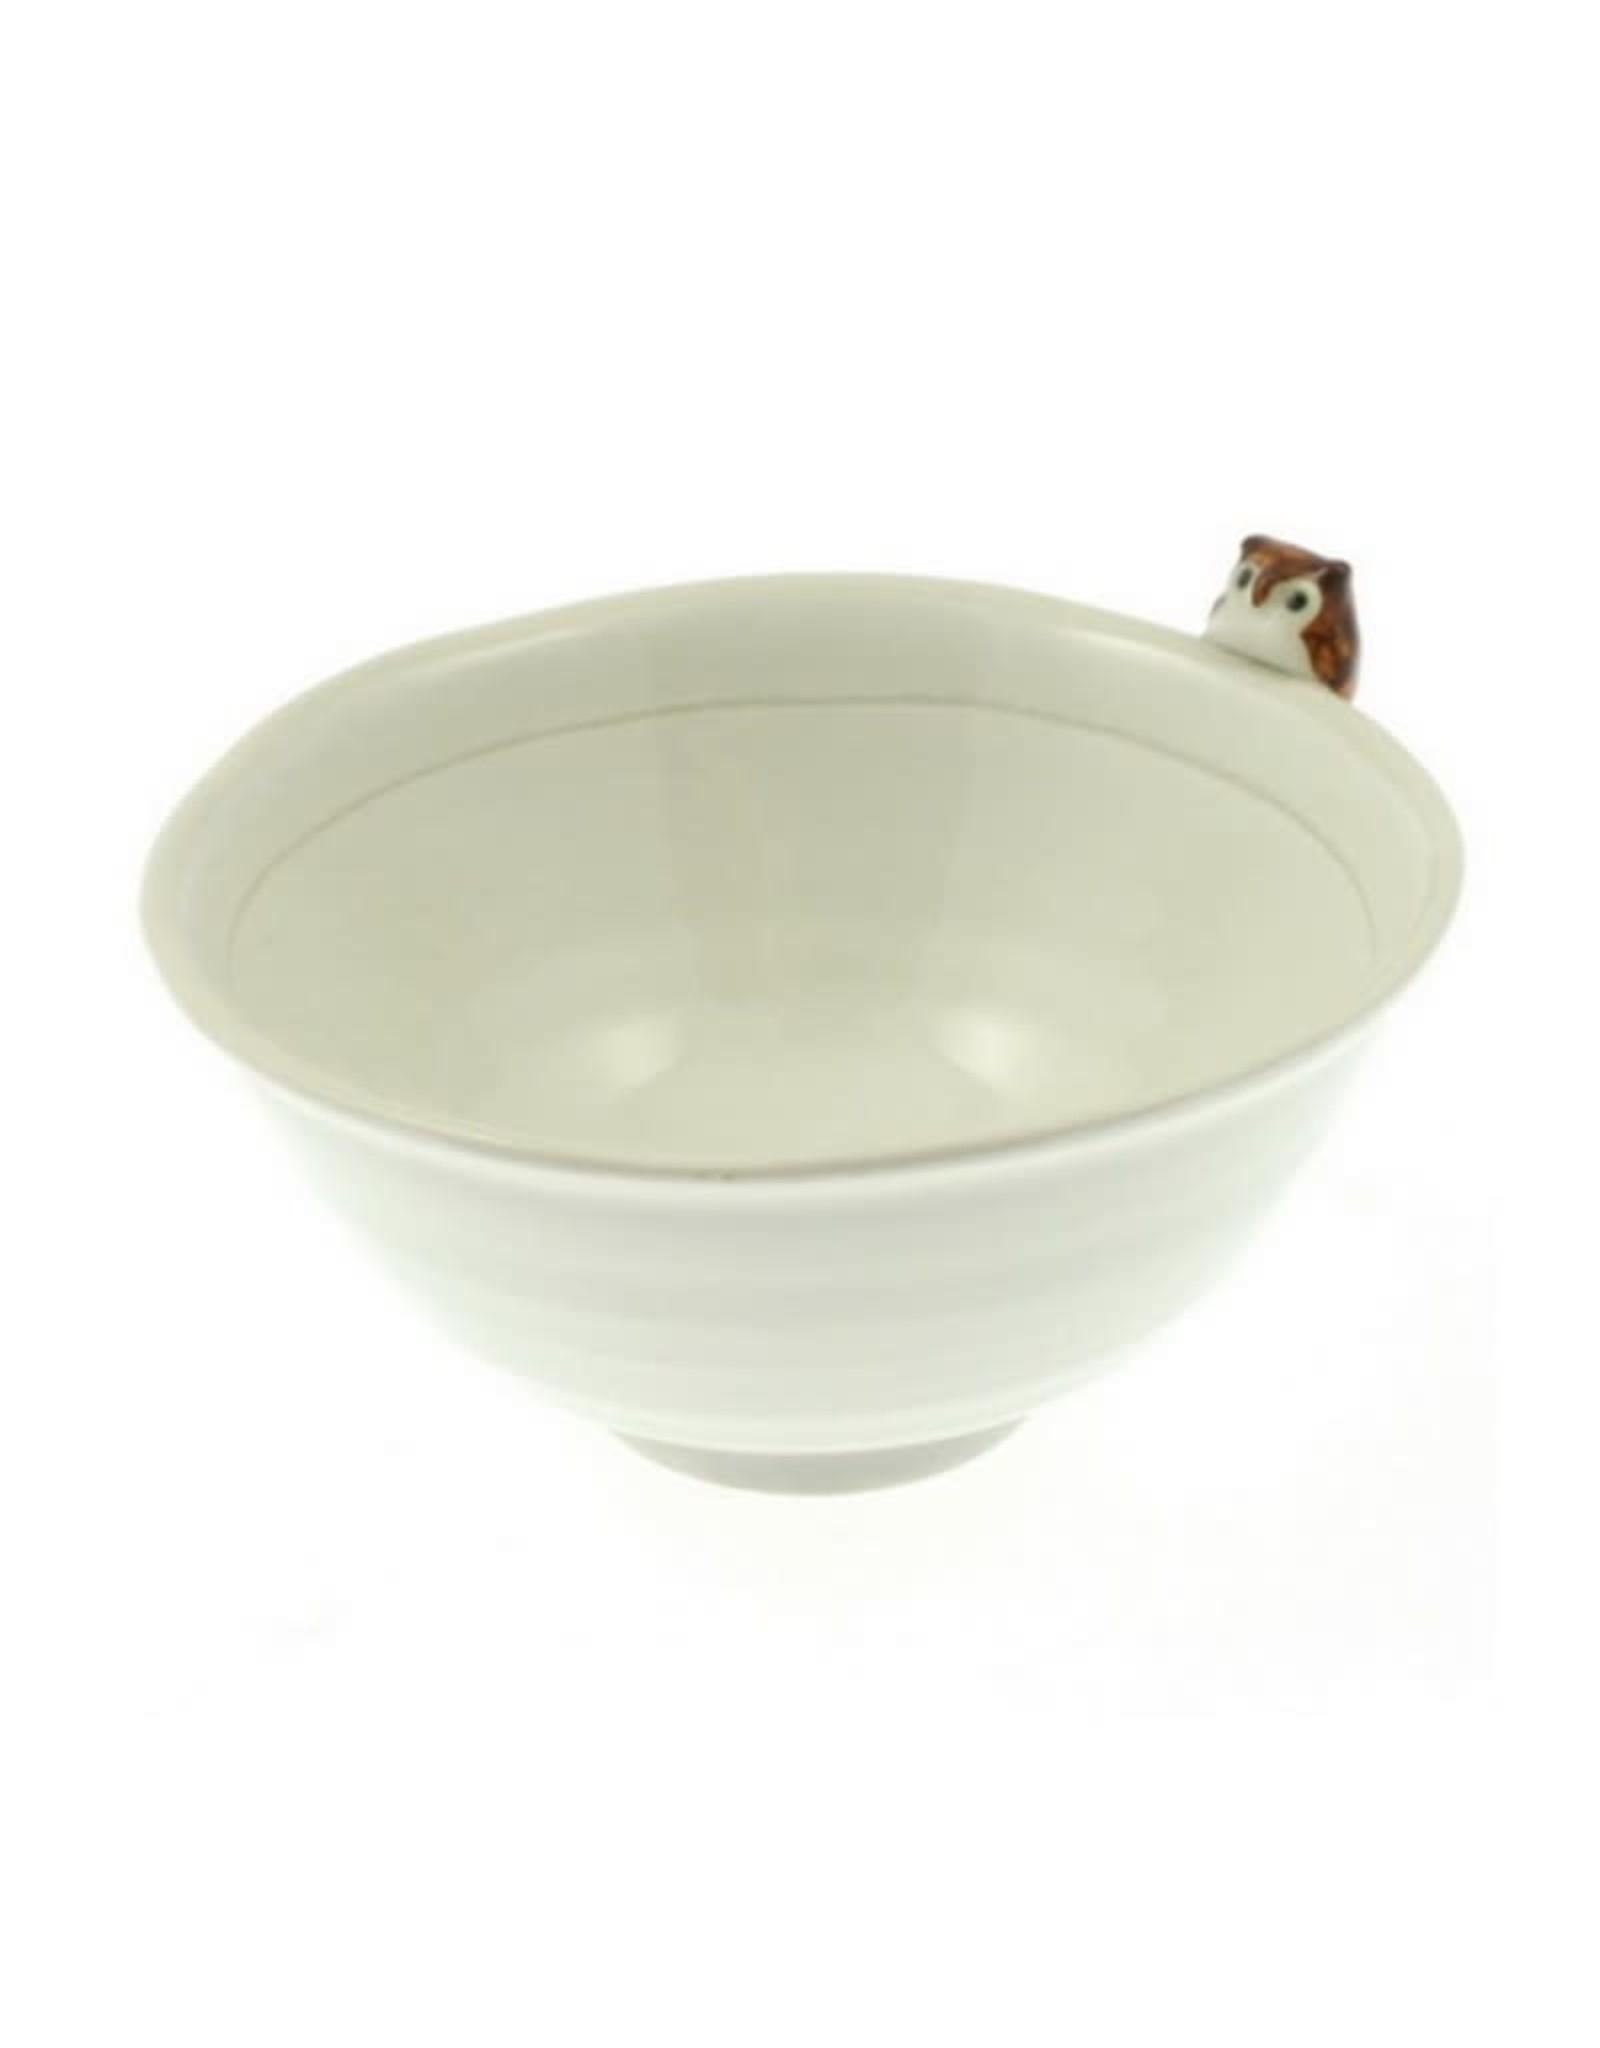 Kotobuki Trading Co. Inc Rice Bowl Owl/Moon